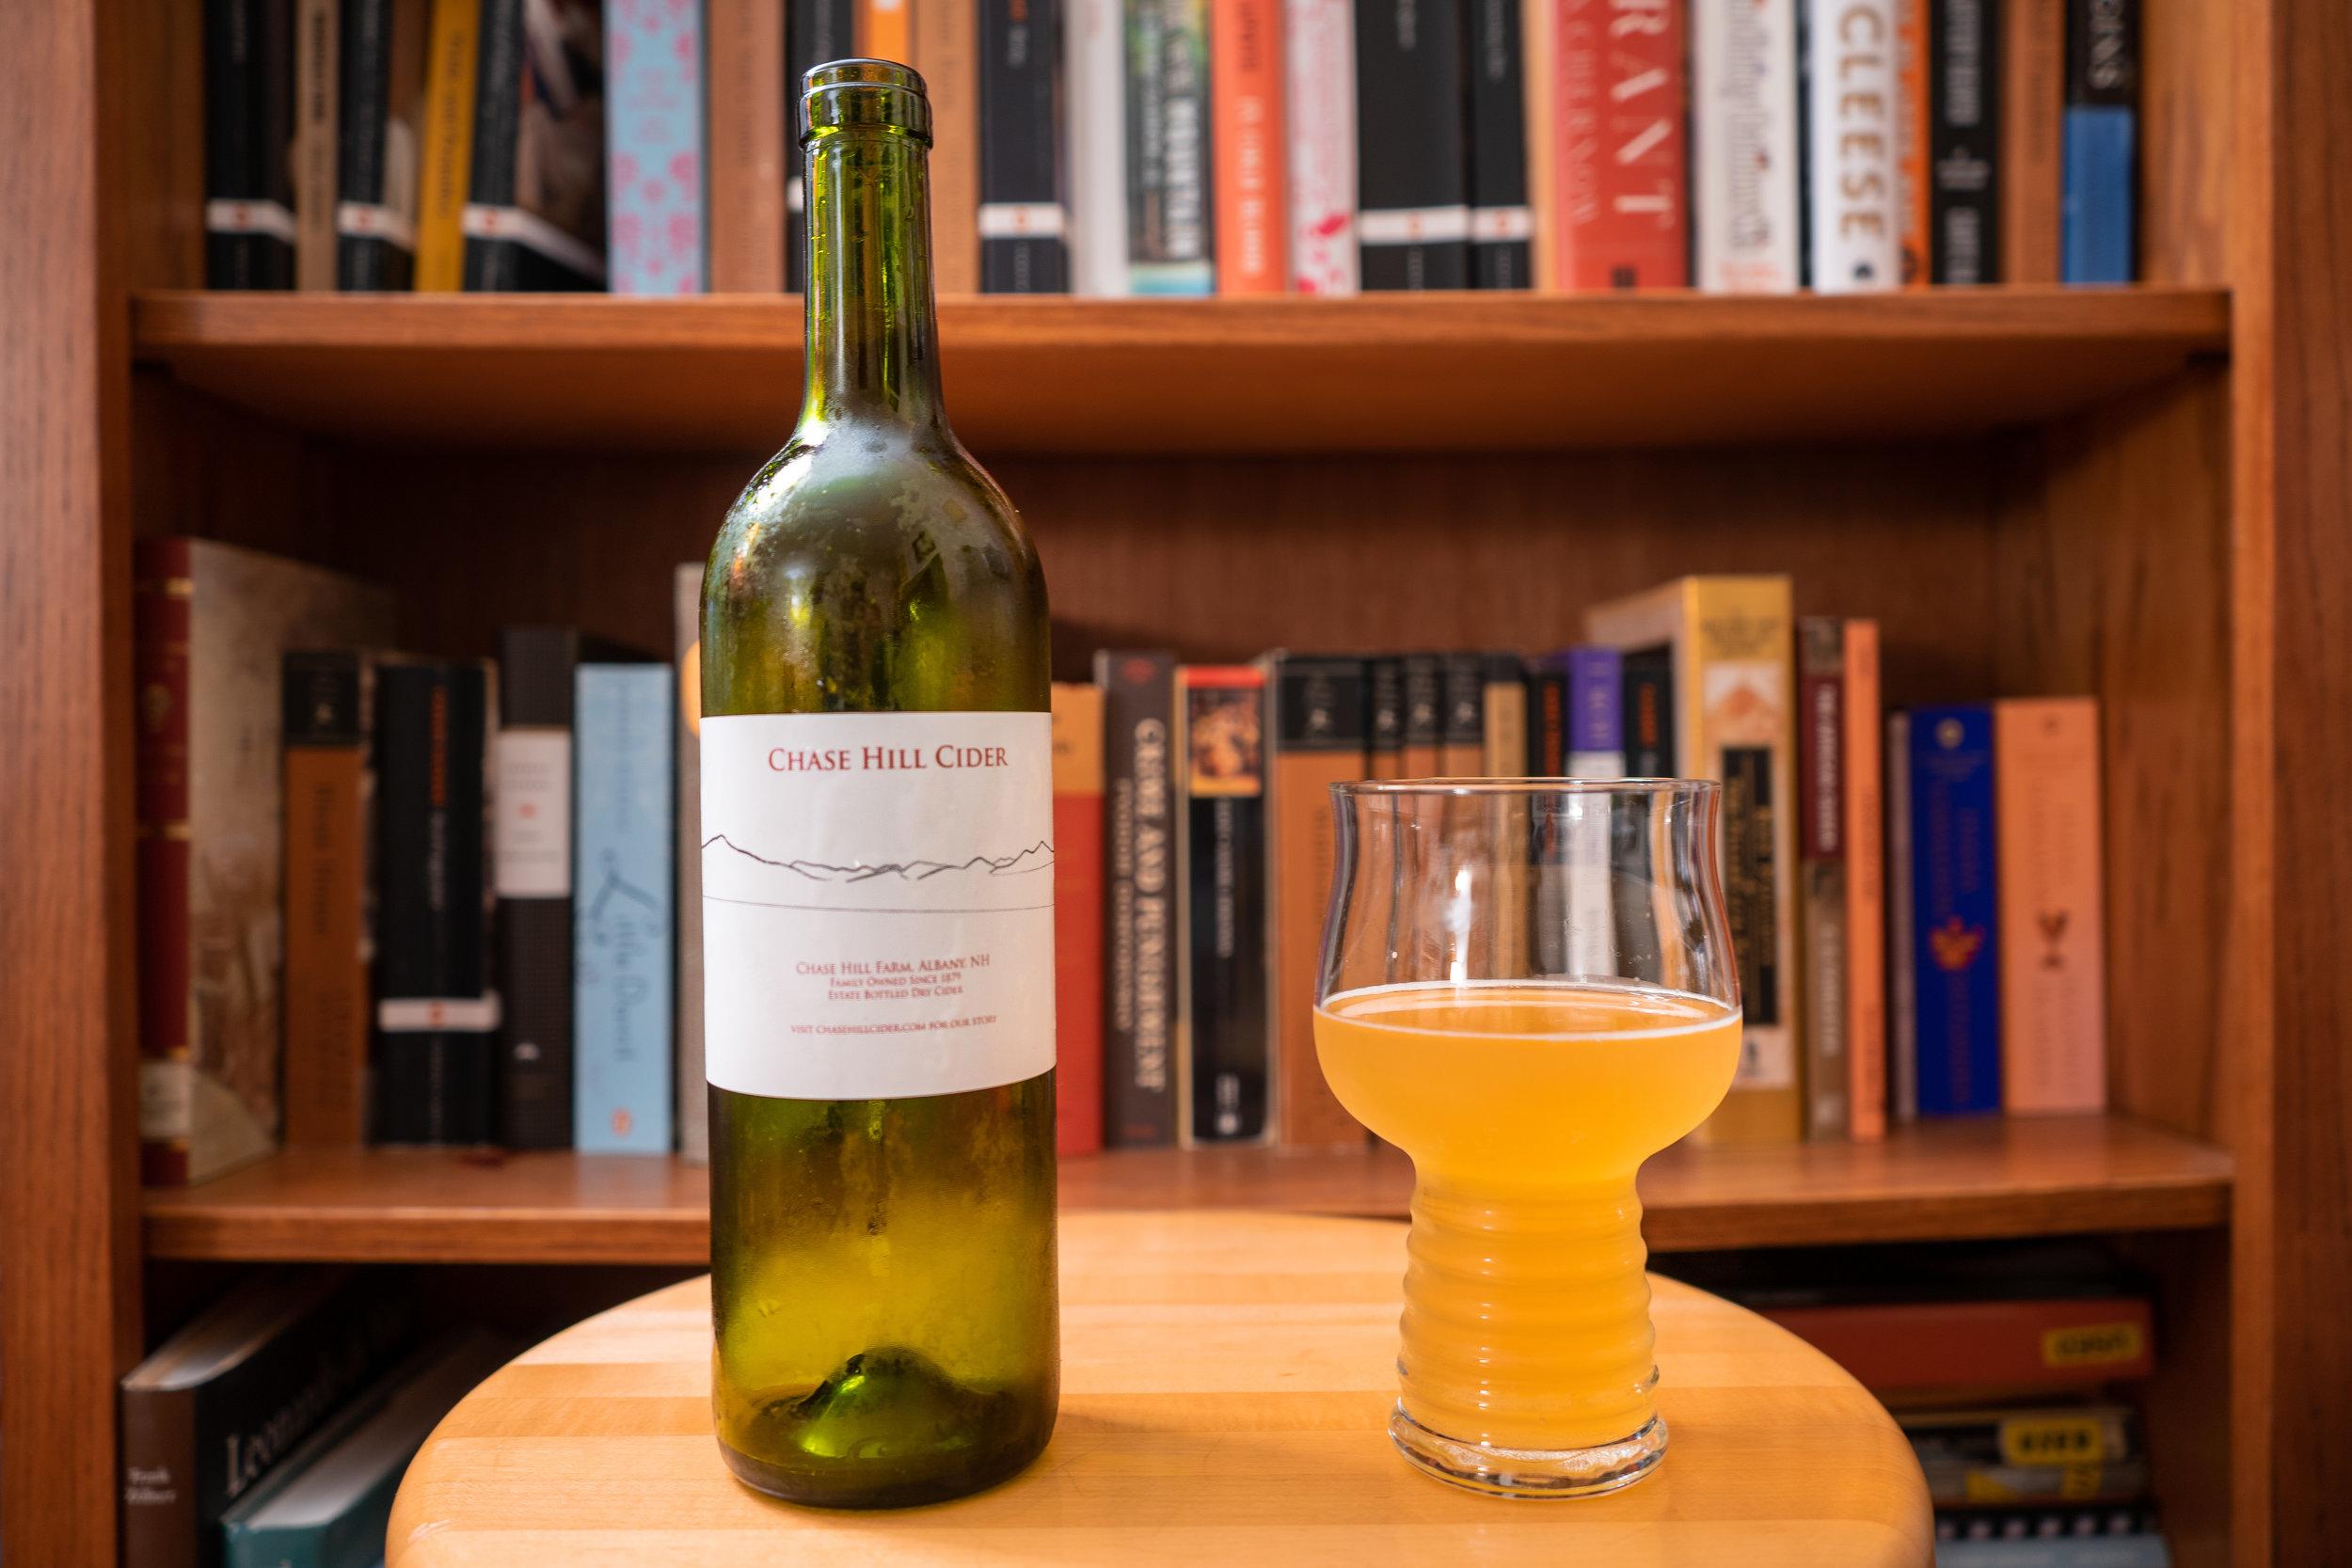 Chase Hill Cider Estate Bottled Dry Cider